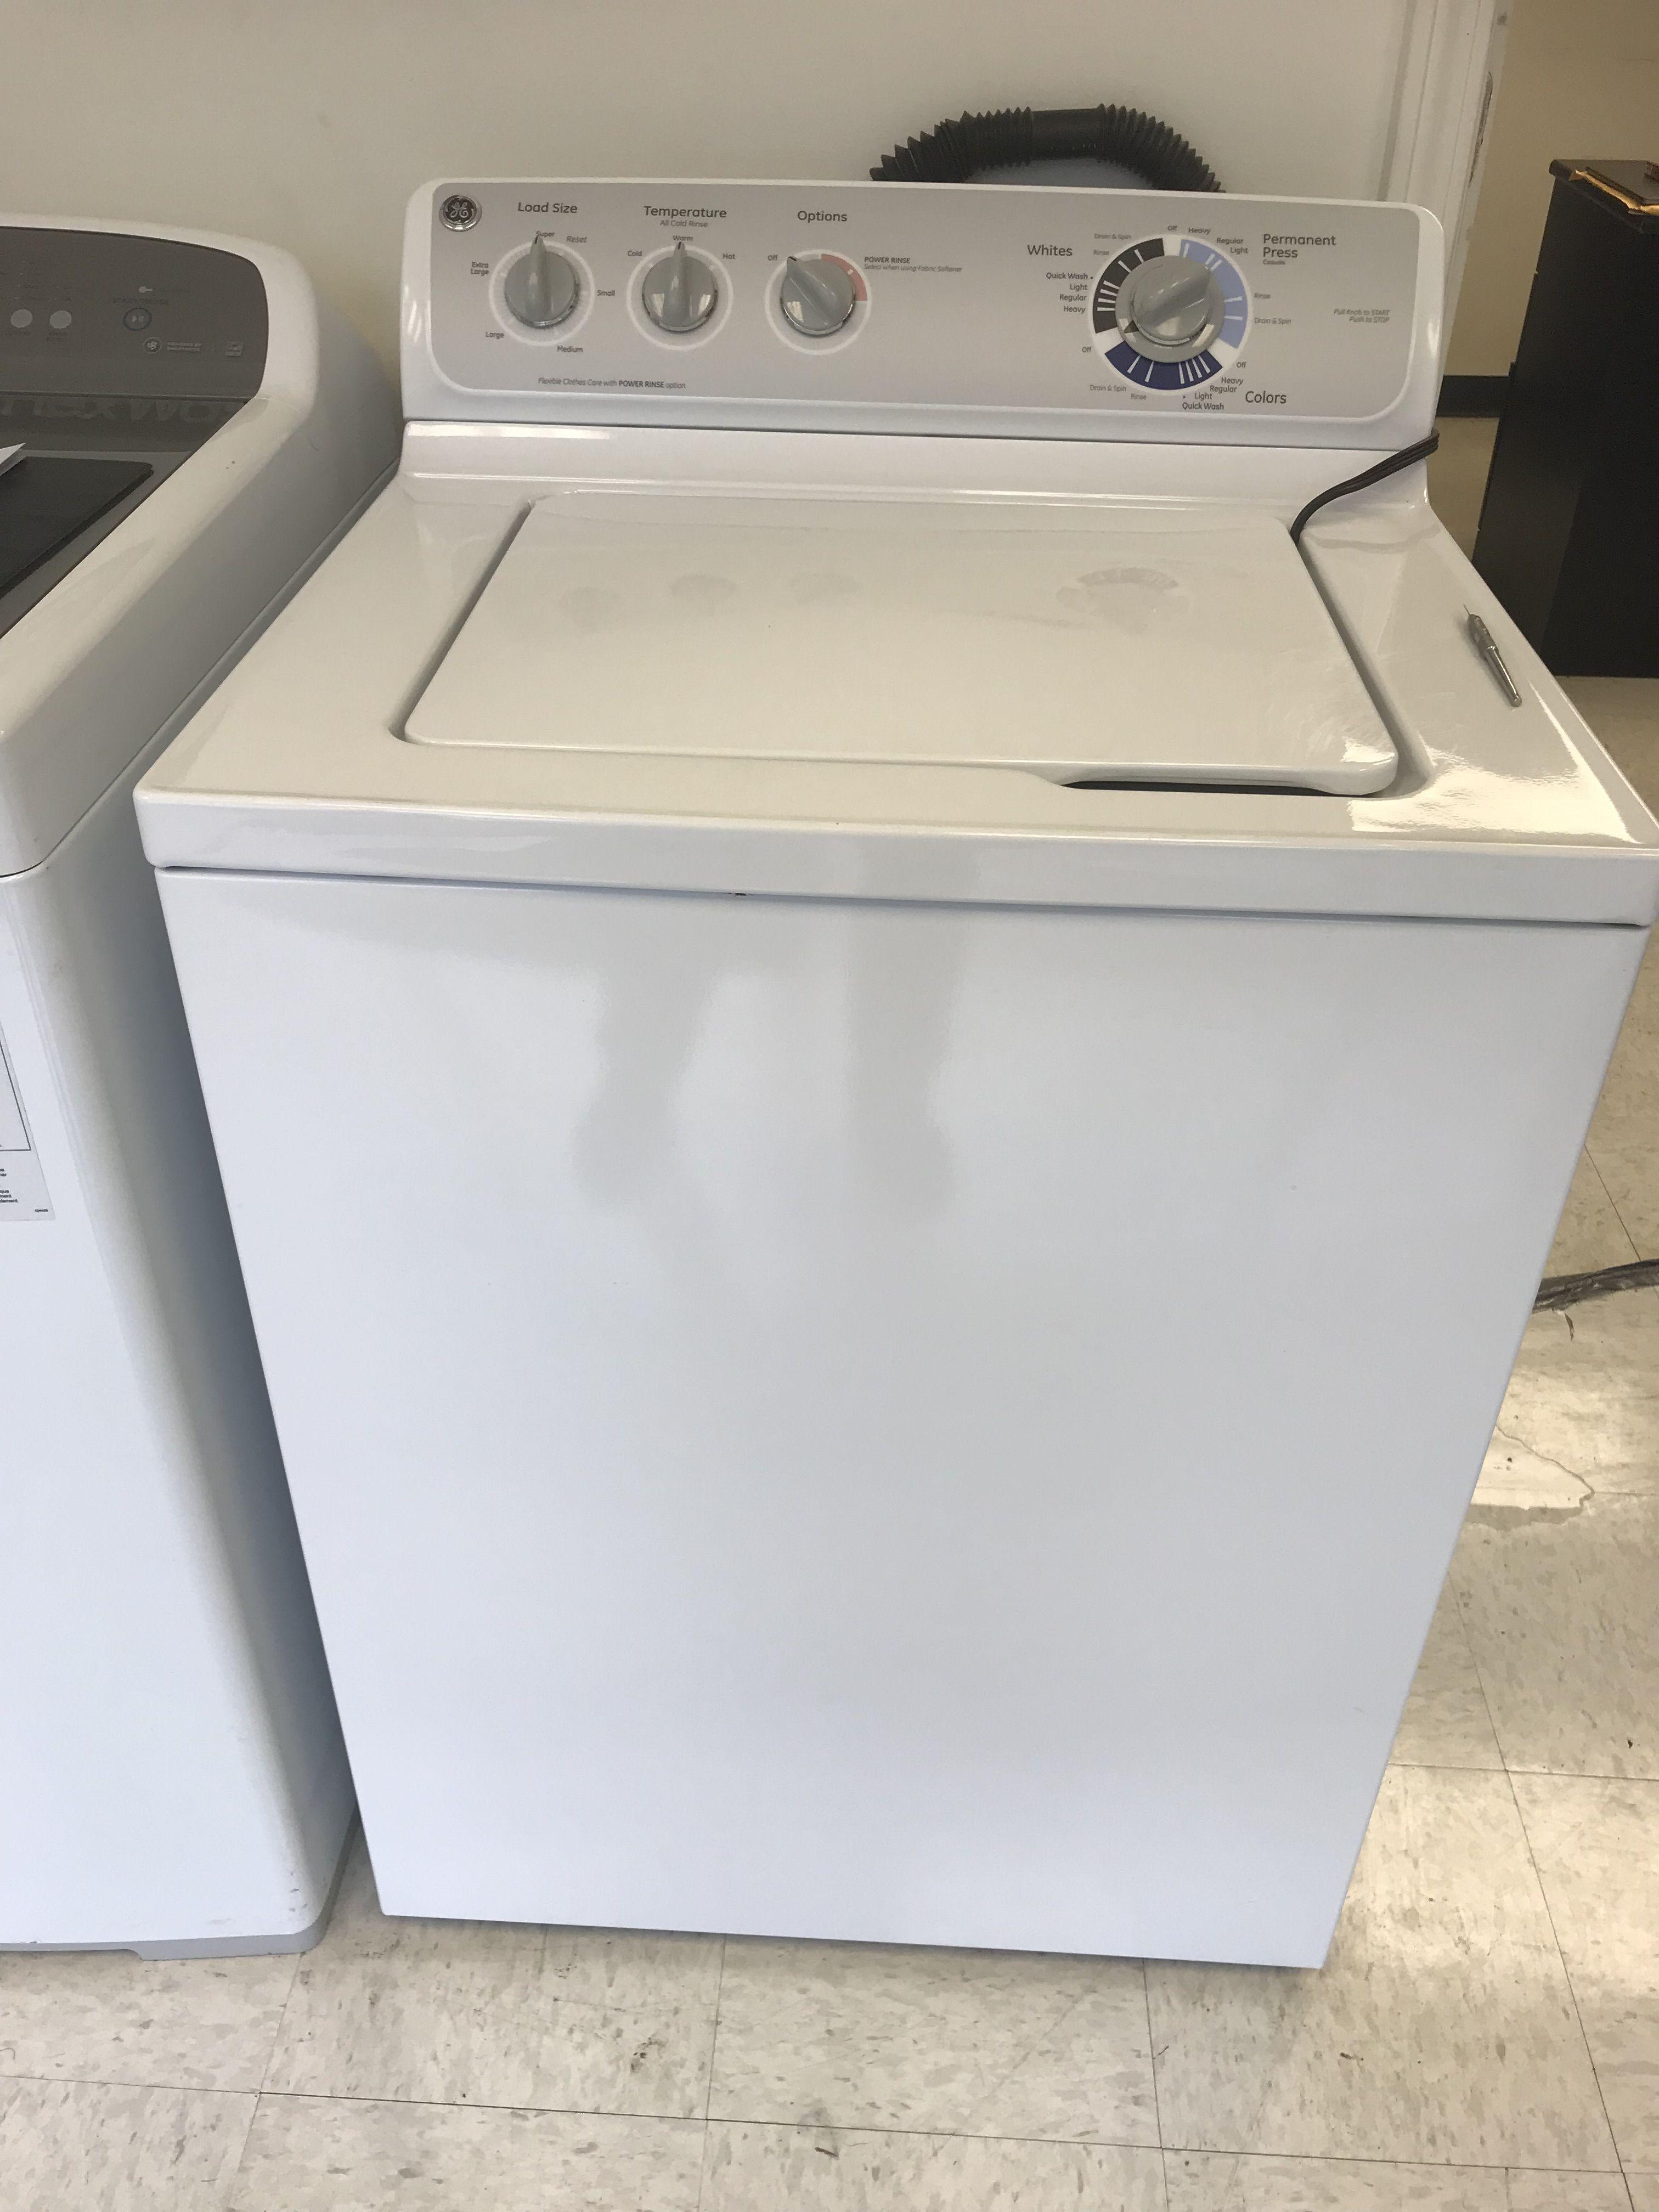 Washing Machine Makes Buzzing Noise Not Spinning Metal Washing